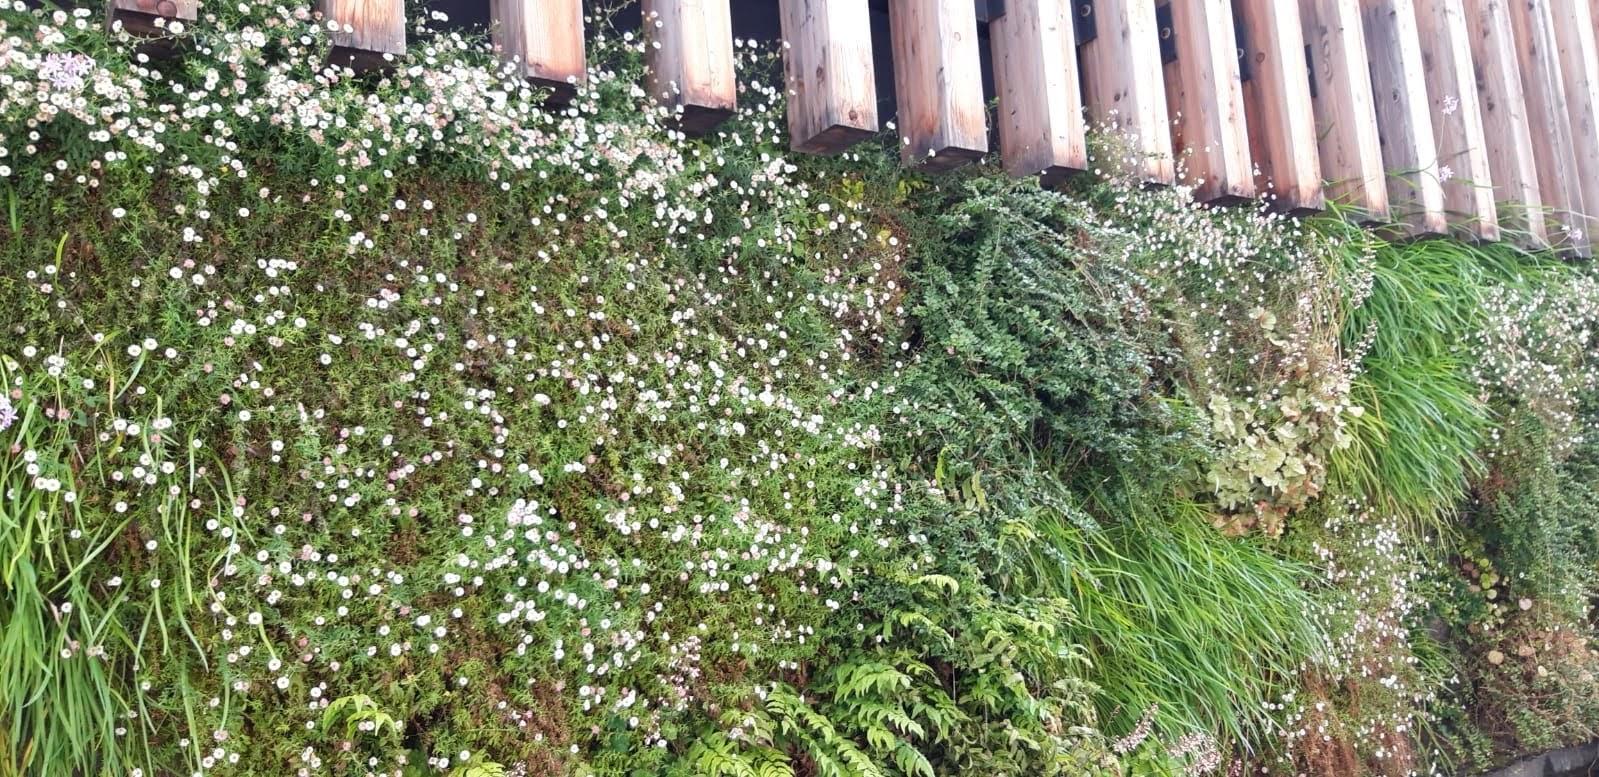 Diferentes especies de plantas en el jardín vertical de Bilbao